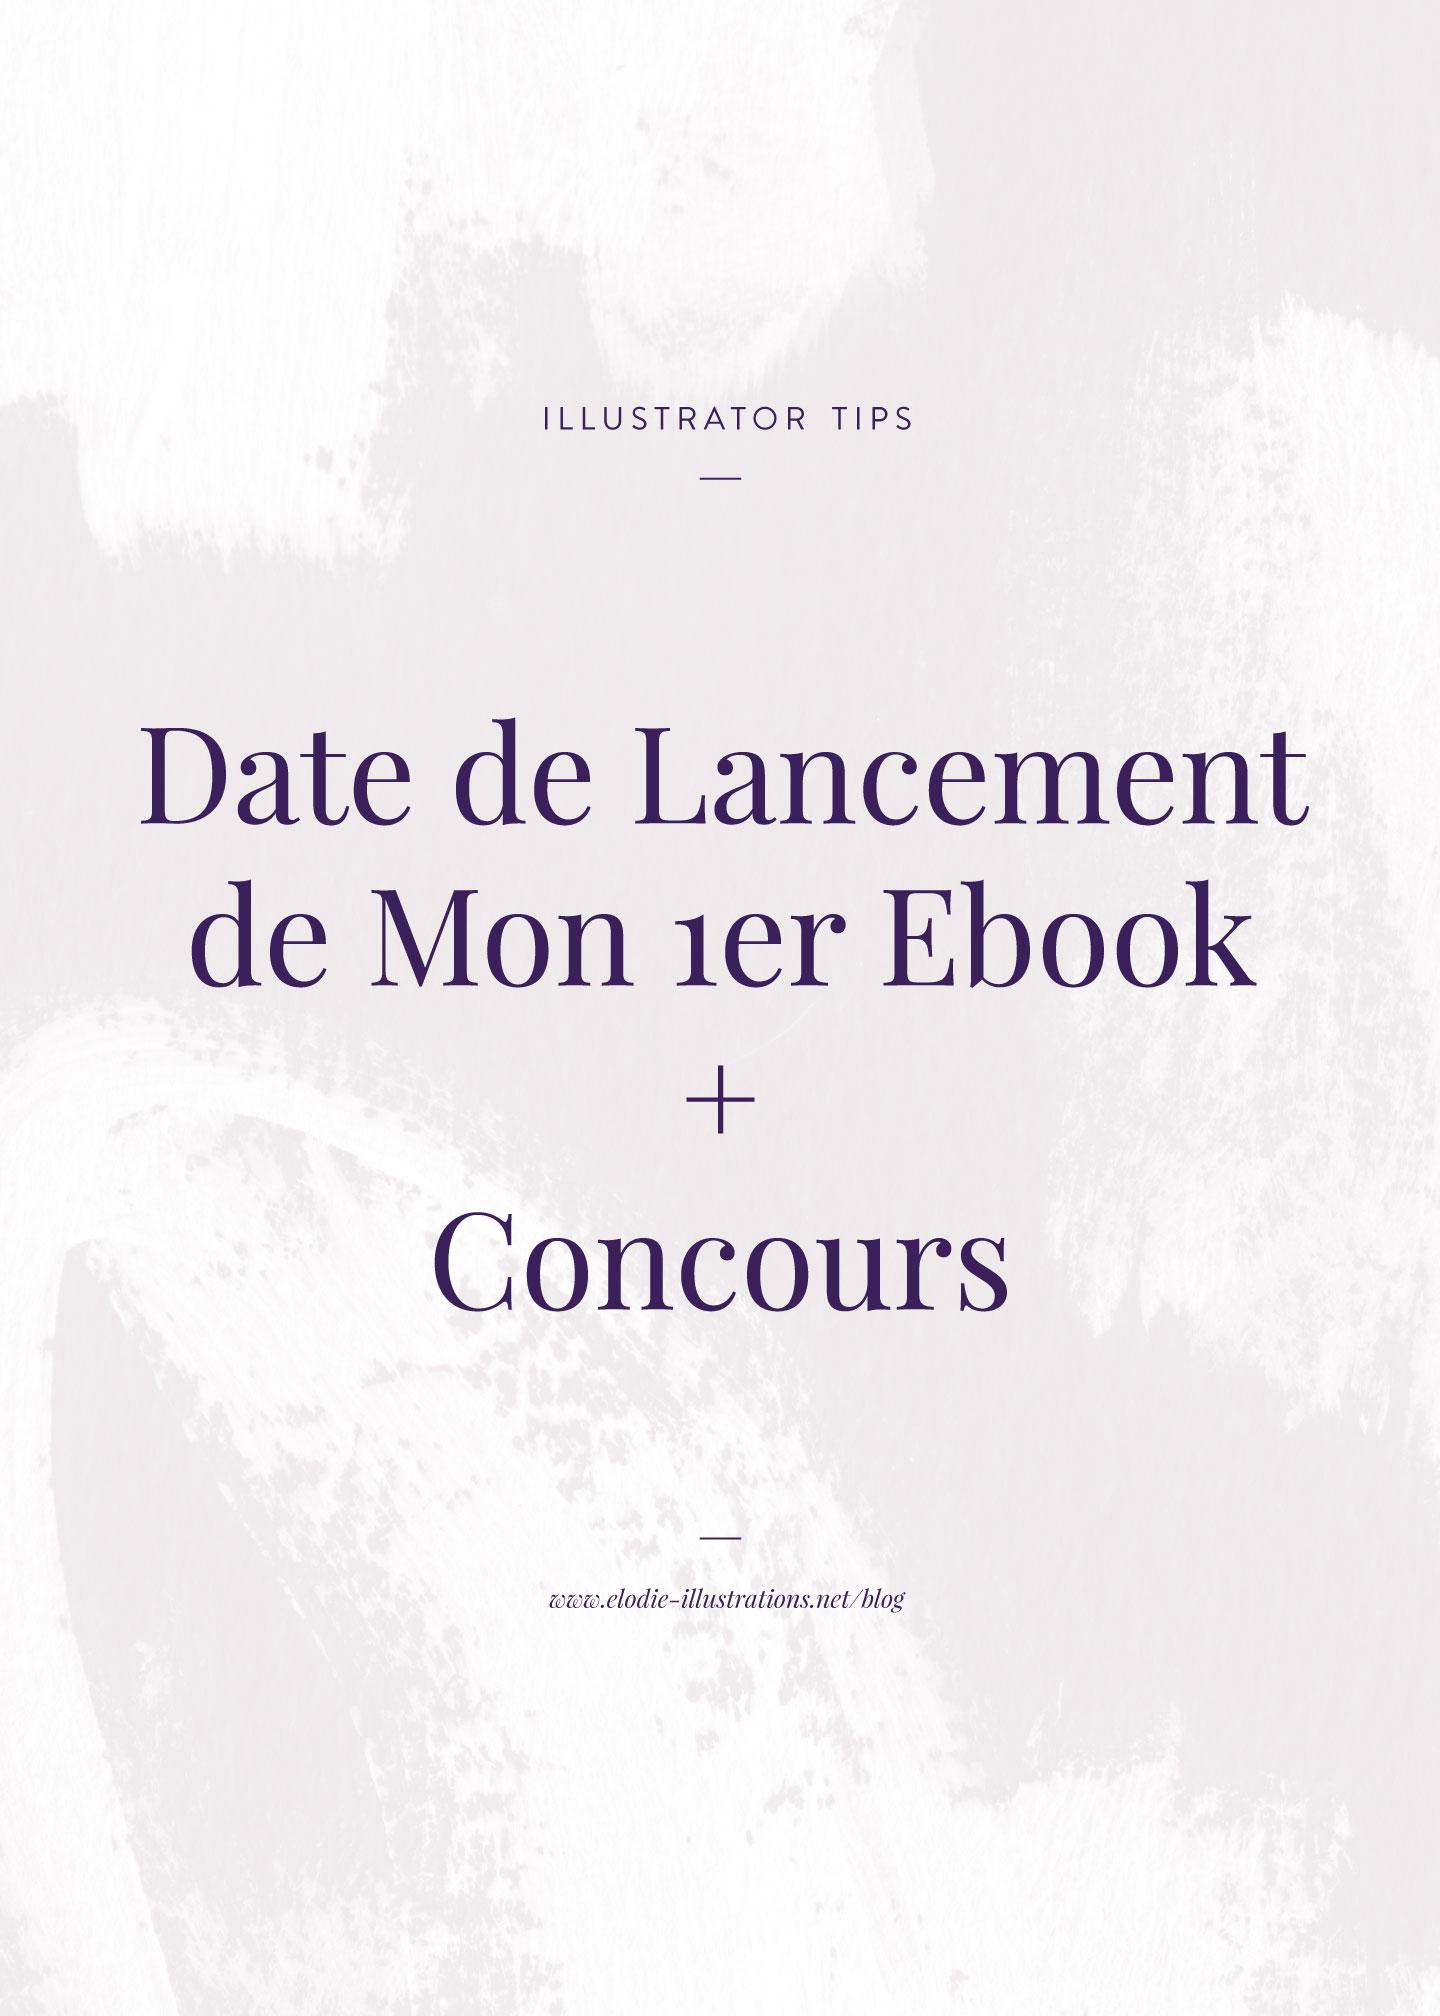 Date de lancement de mon 1er ebook + Concours - Cliquez pour découvrir l'article